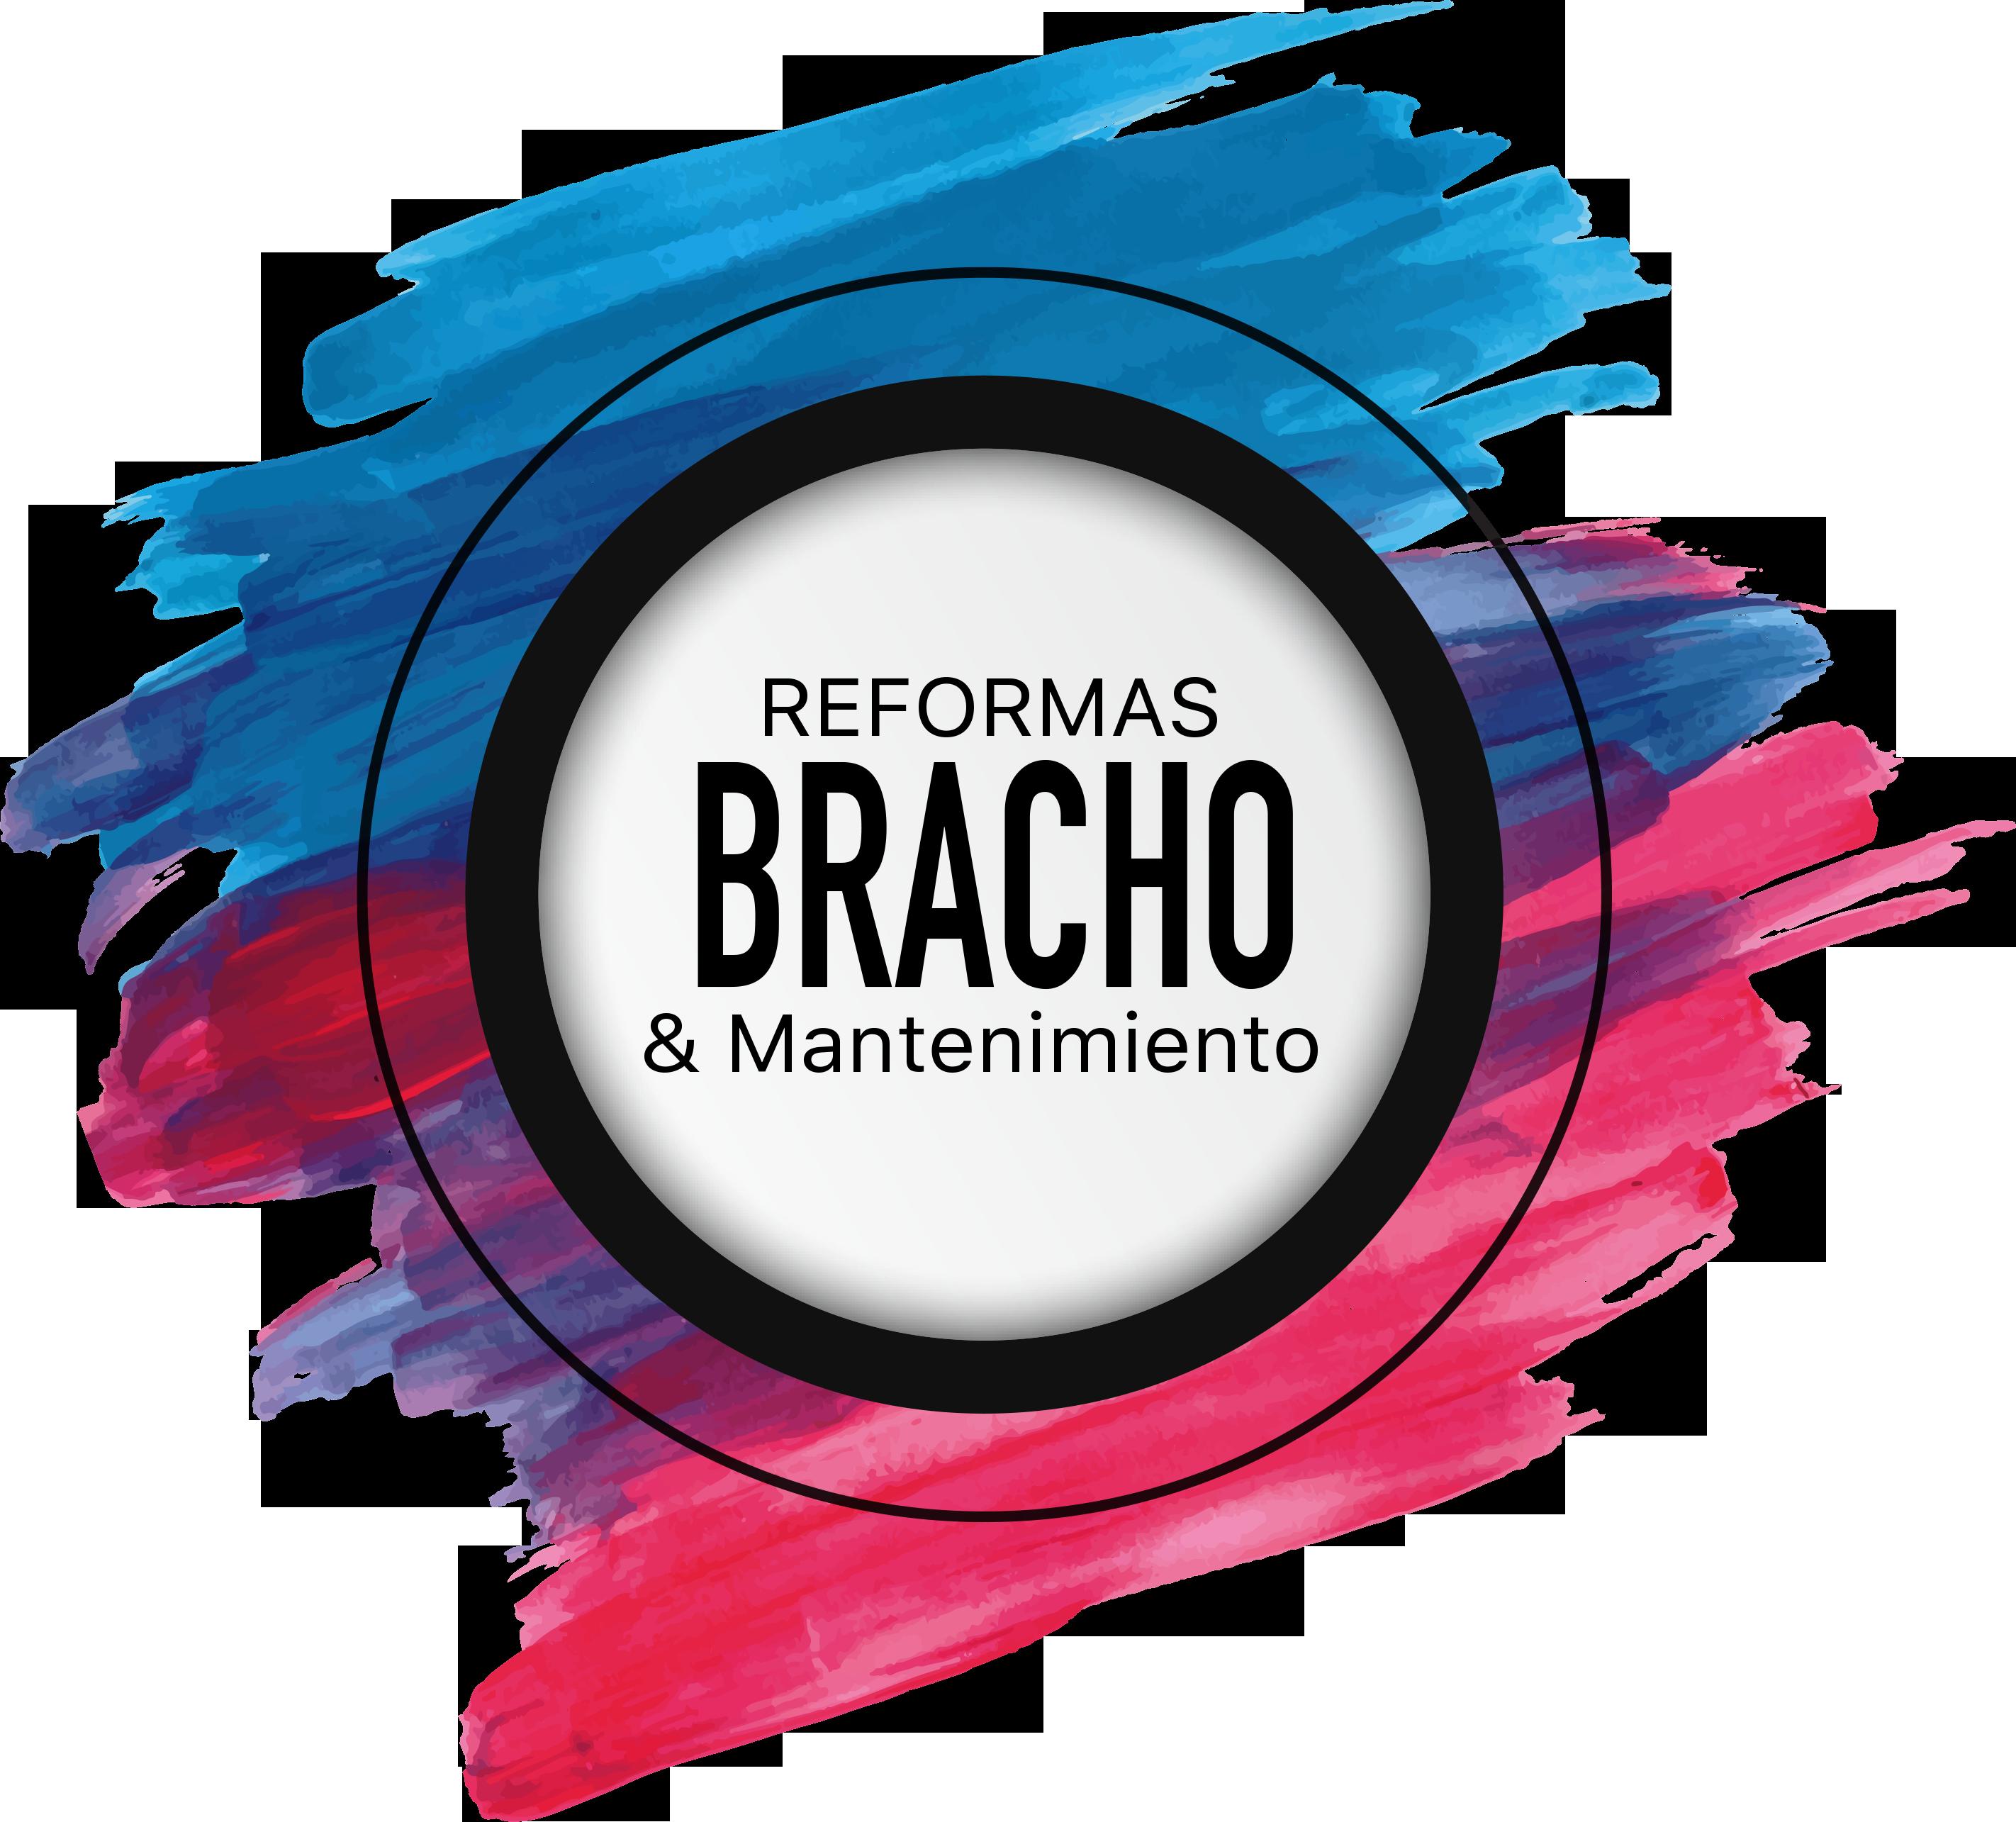 Reformas Y Mantenimento Bracho